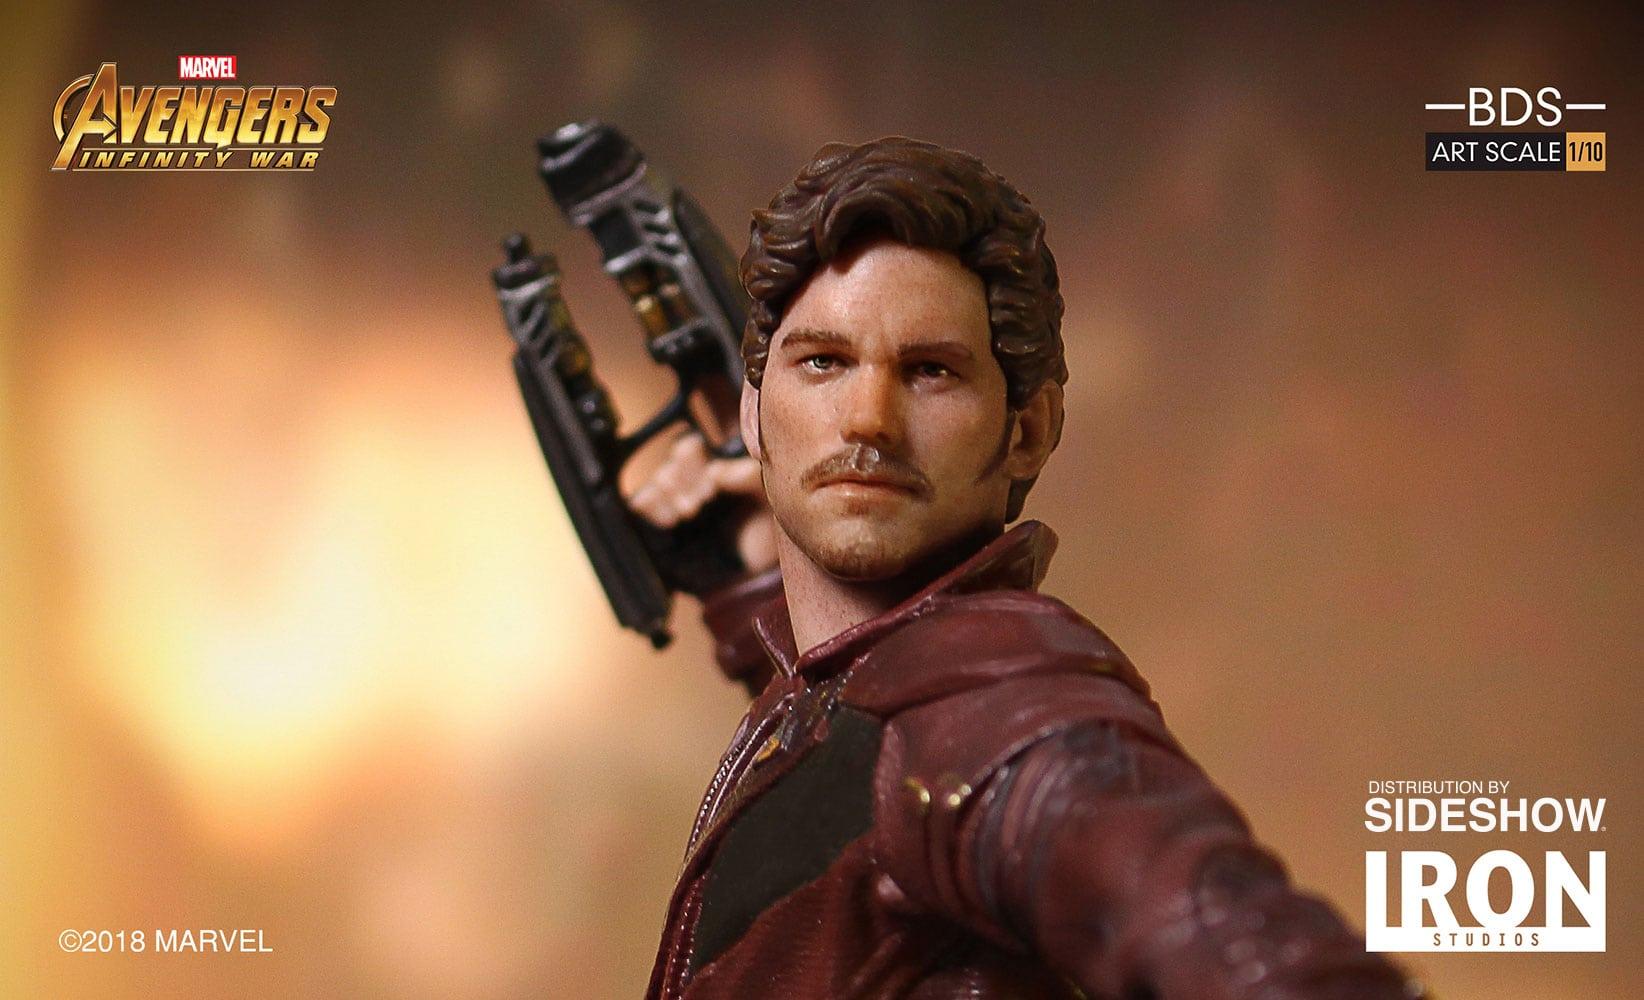 Star-Lord Avengers: Infinity War Battle Diorama estatua revelada por Iron Studios